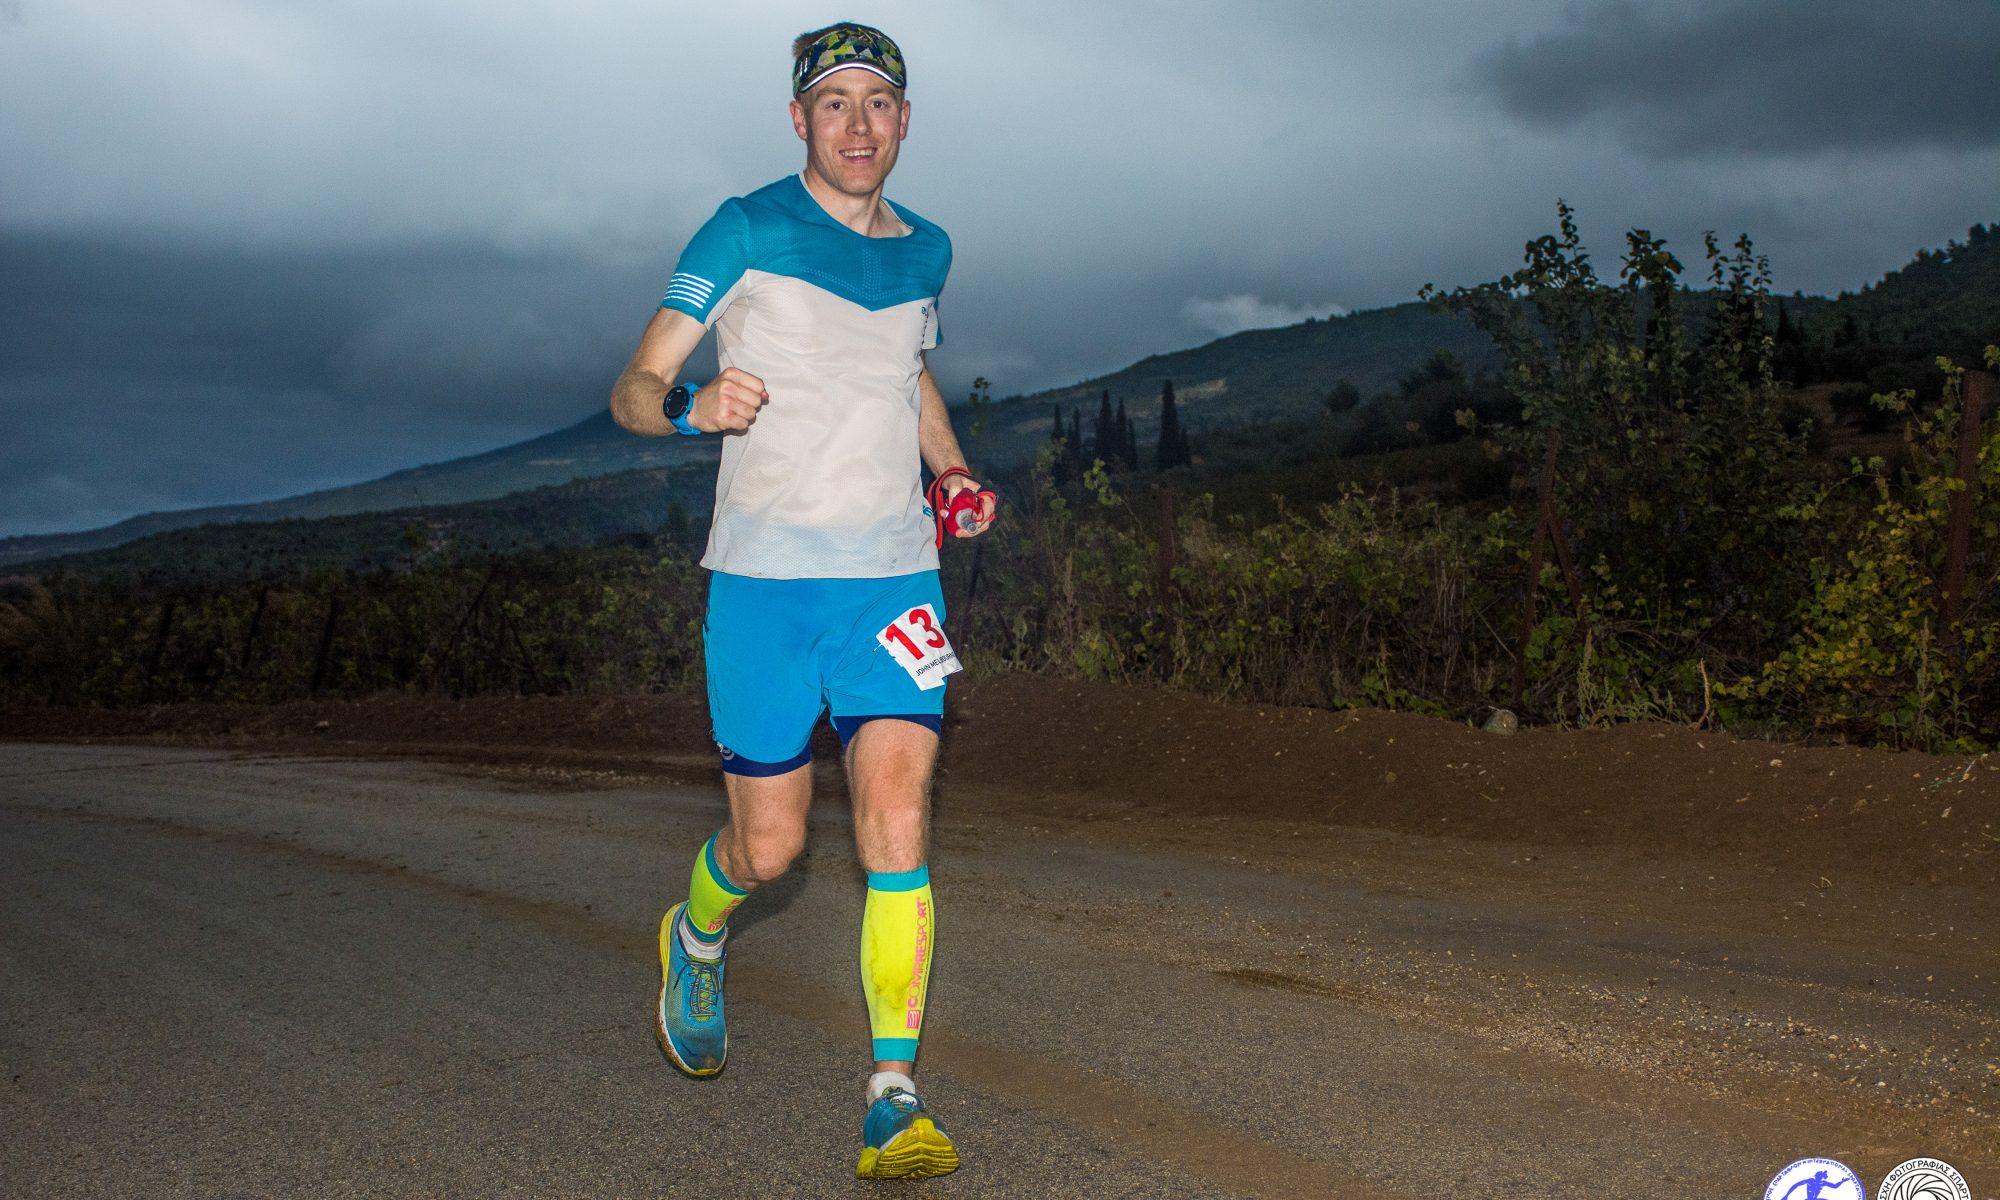 John Melbourne - Ultra Running Coach